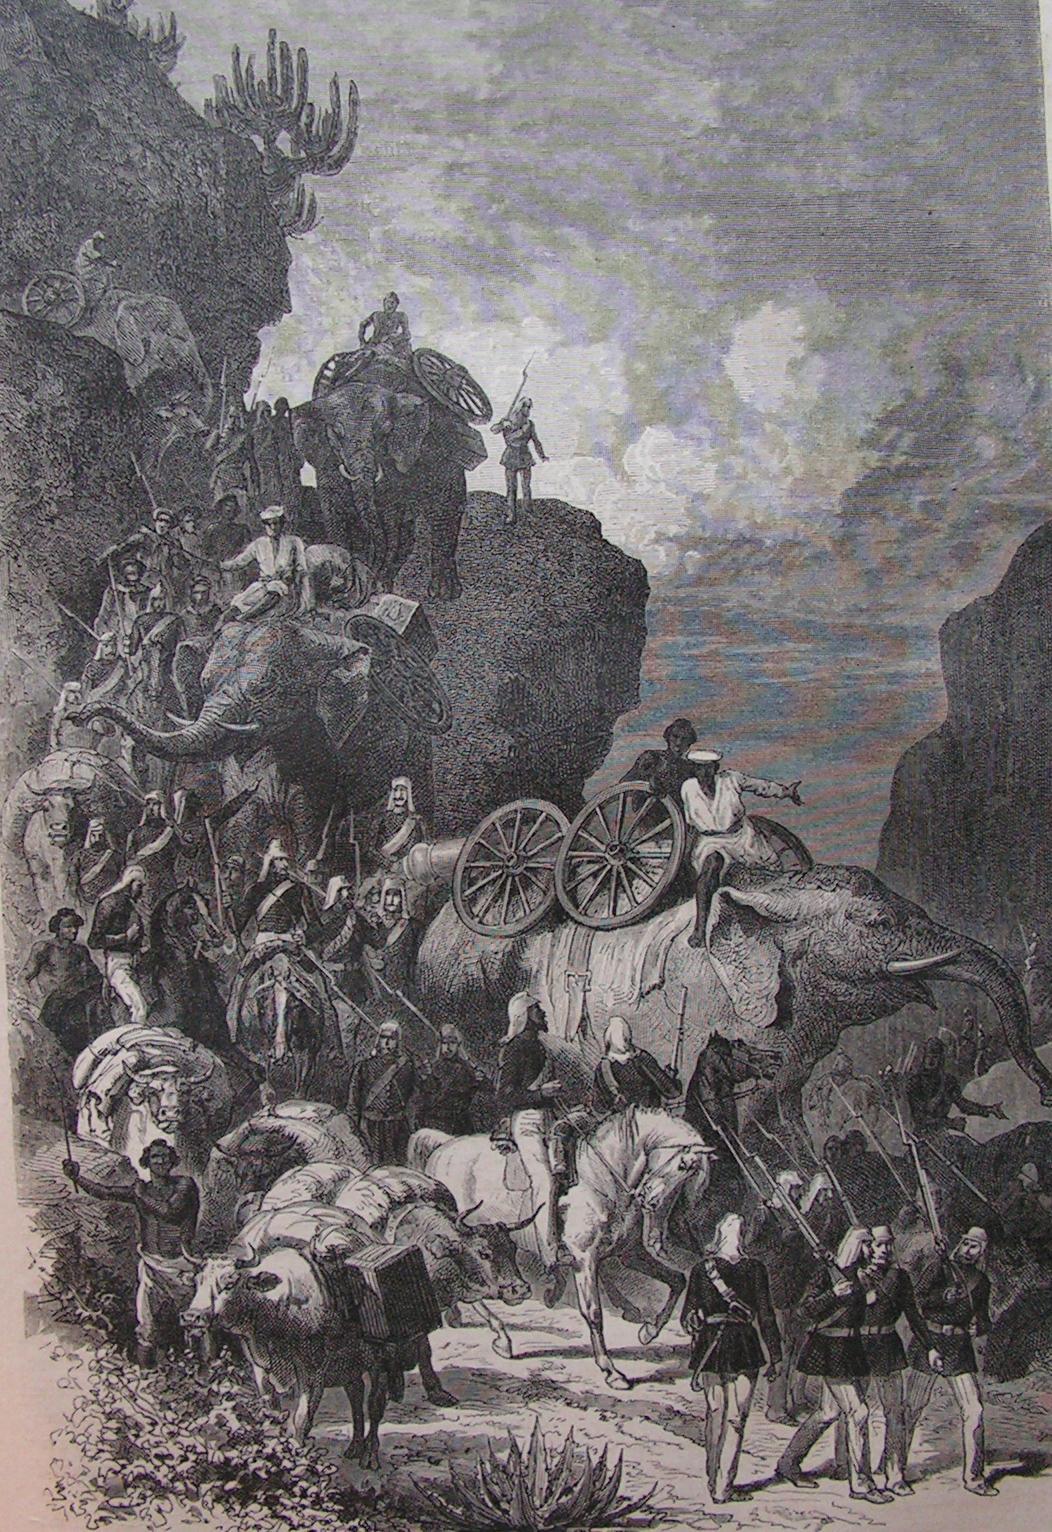 Napierren espedizioa